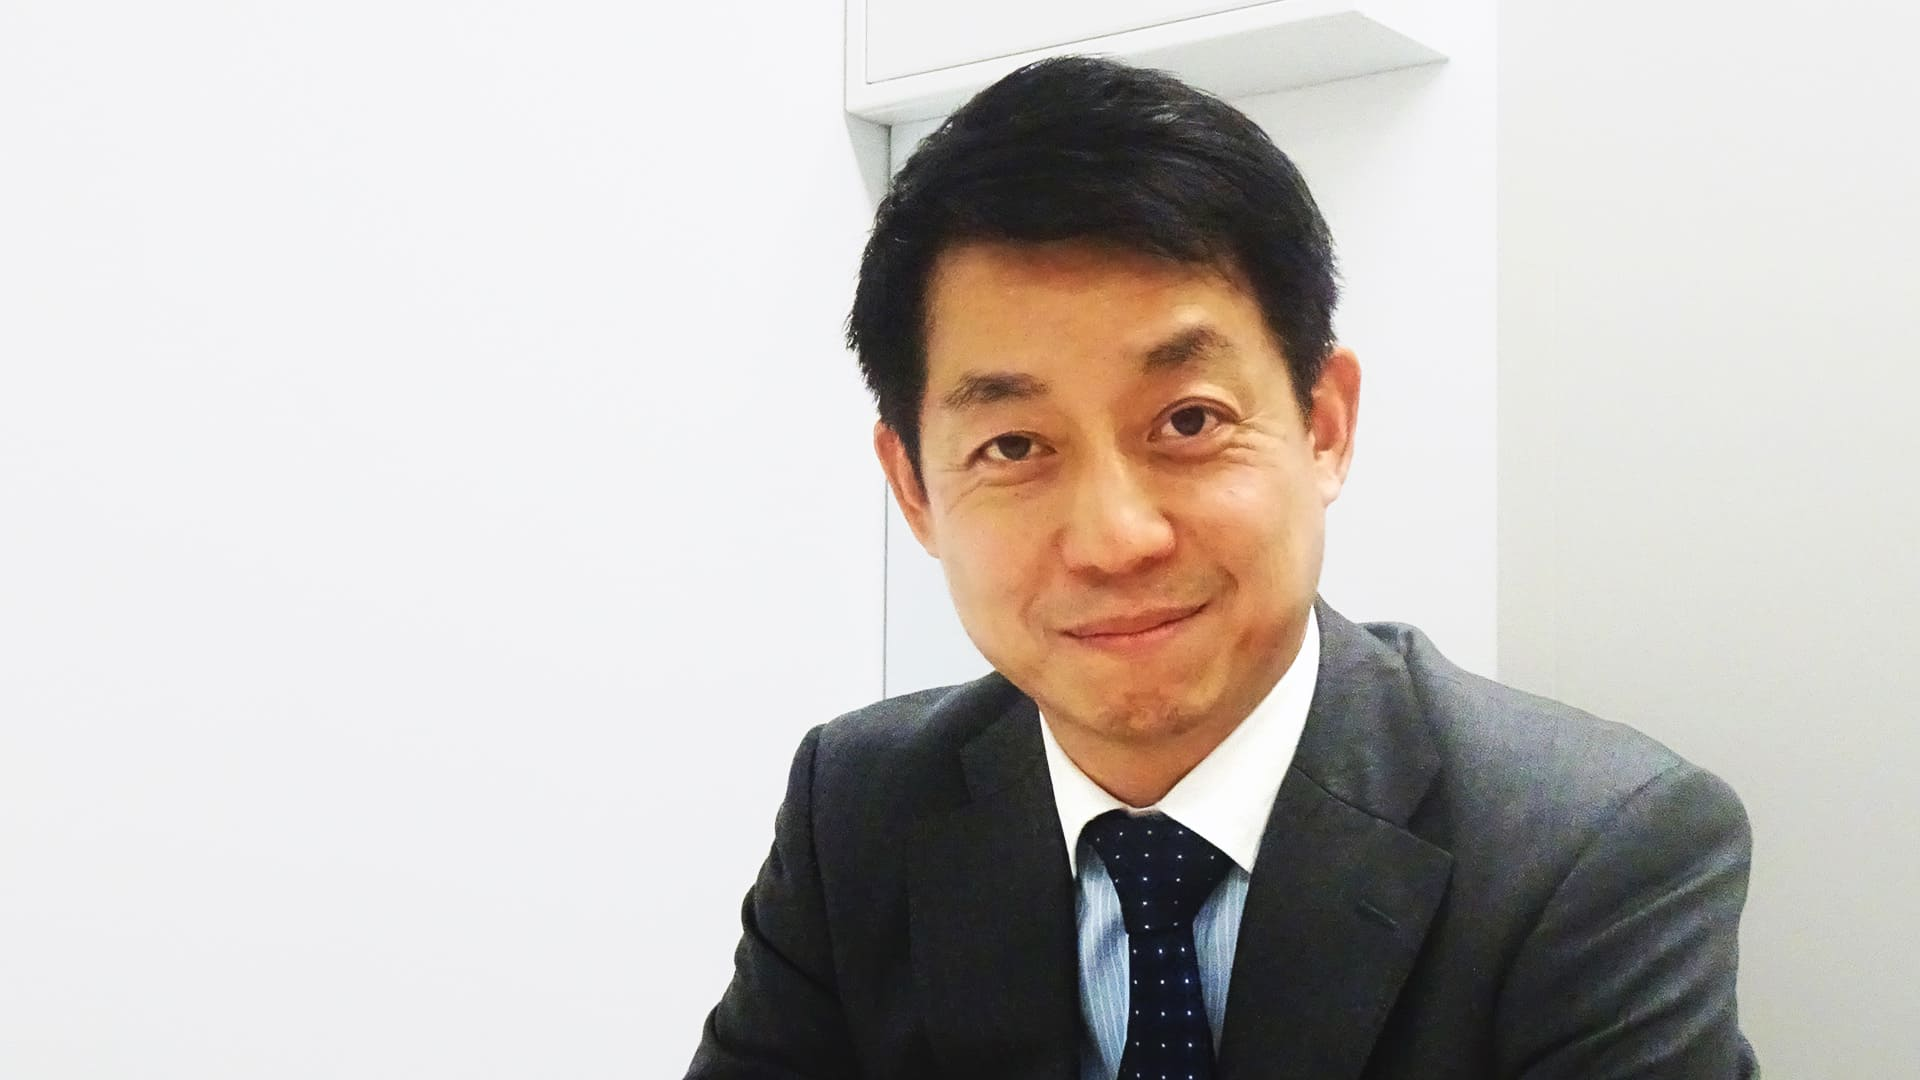 株式会社ワイピーテック代表取締役社長 田口耕児の写真